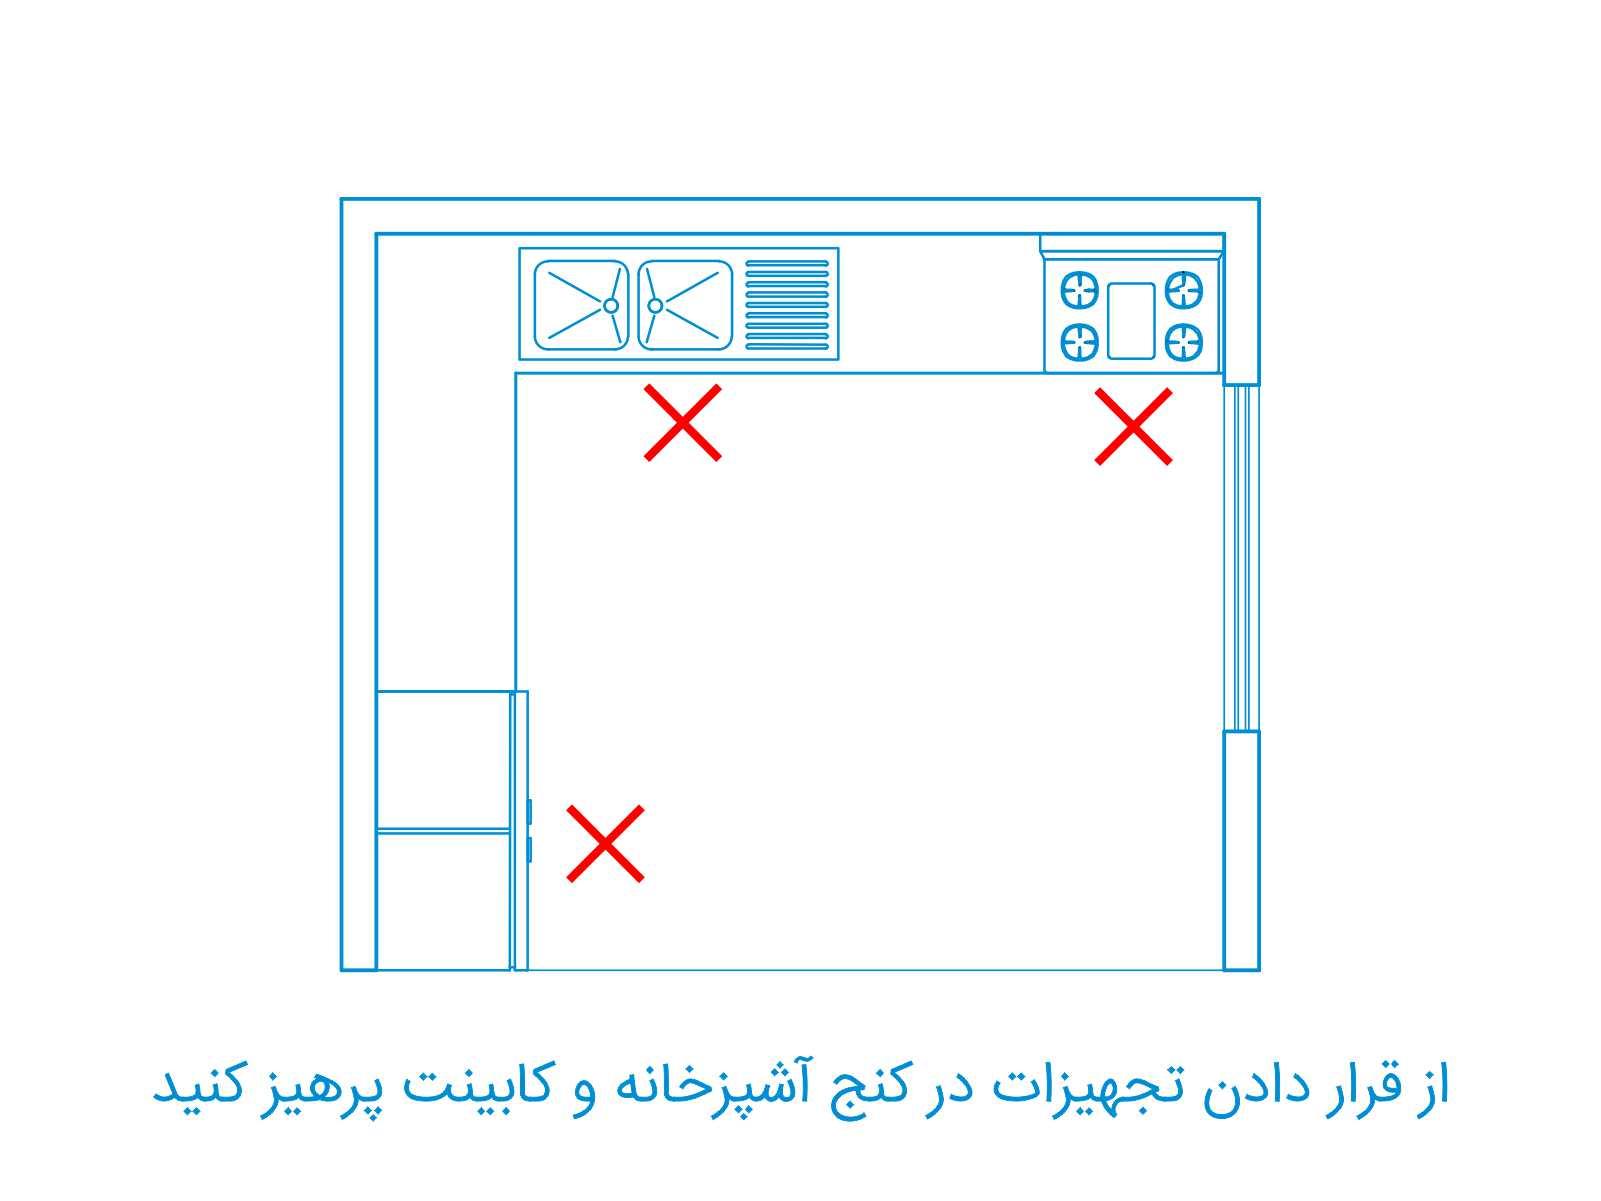 قرار گرفتن عناصر آشپزخانه در کنج ها